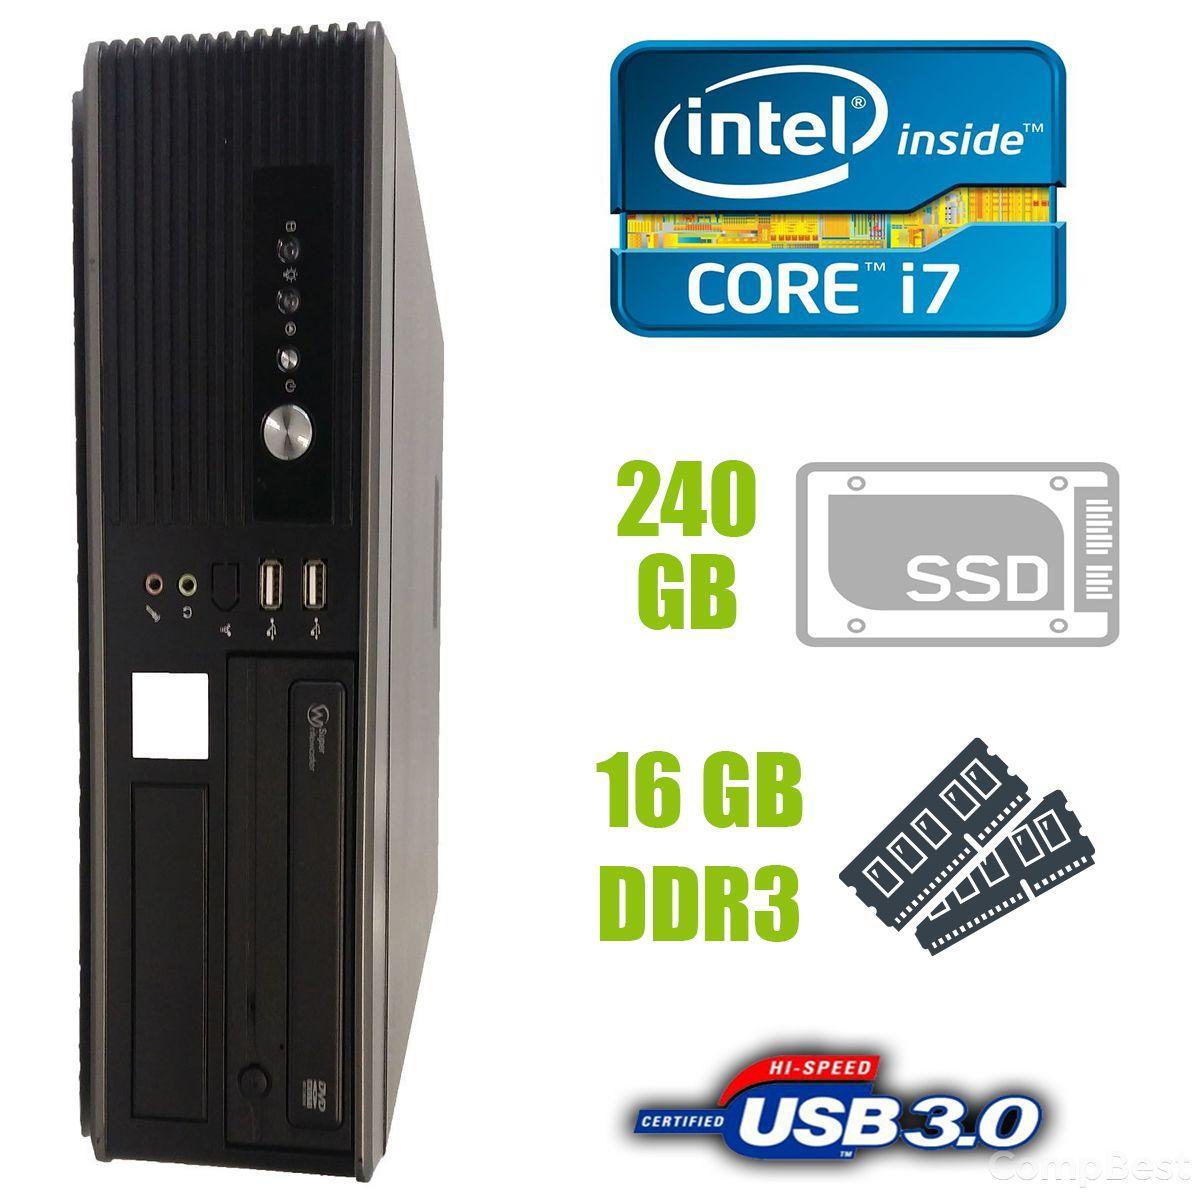 MSI SFF / Intel Core i7-2600 (4 (8) ядра по 3.4-3.8GHz) / 16 GB DDR3 / 240 GB SSD new! / USB 3.0, SATA 3.0, PCI Express 3.0